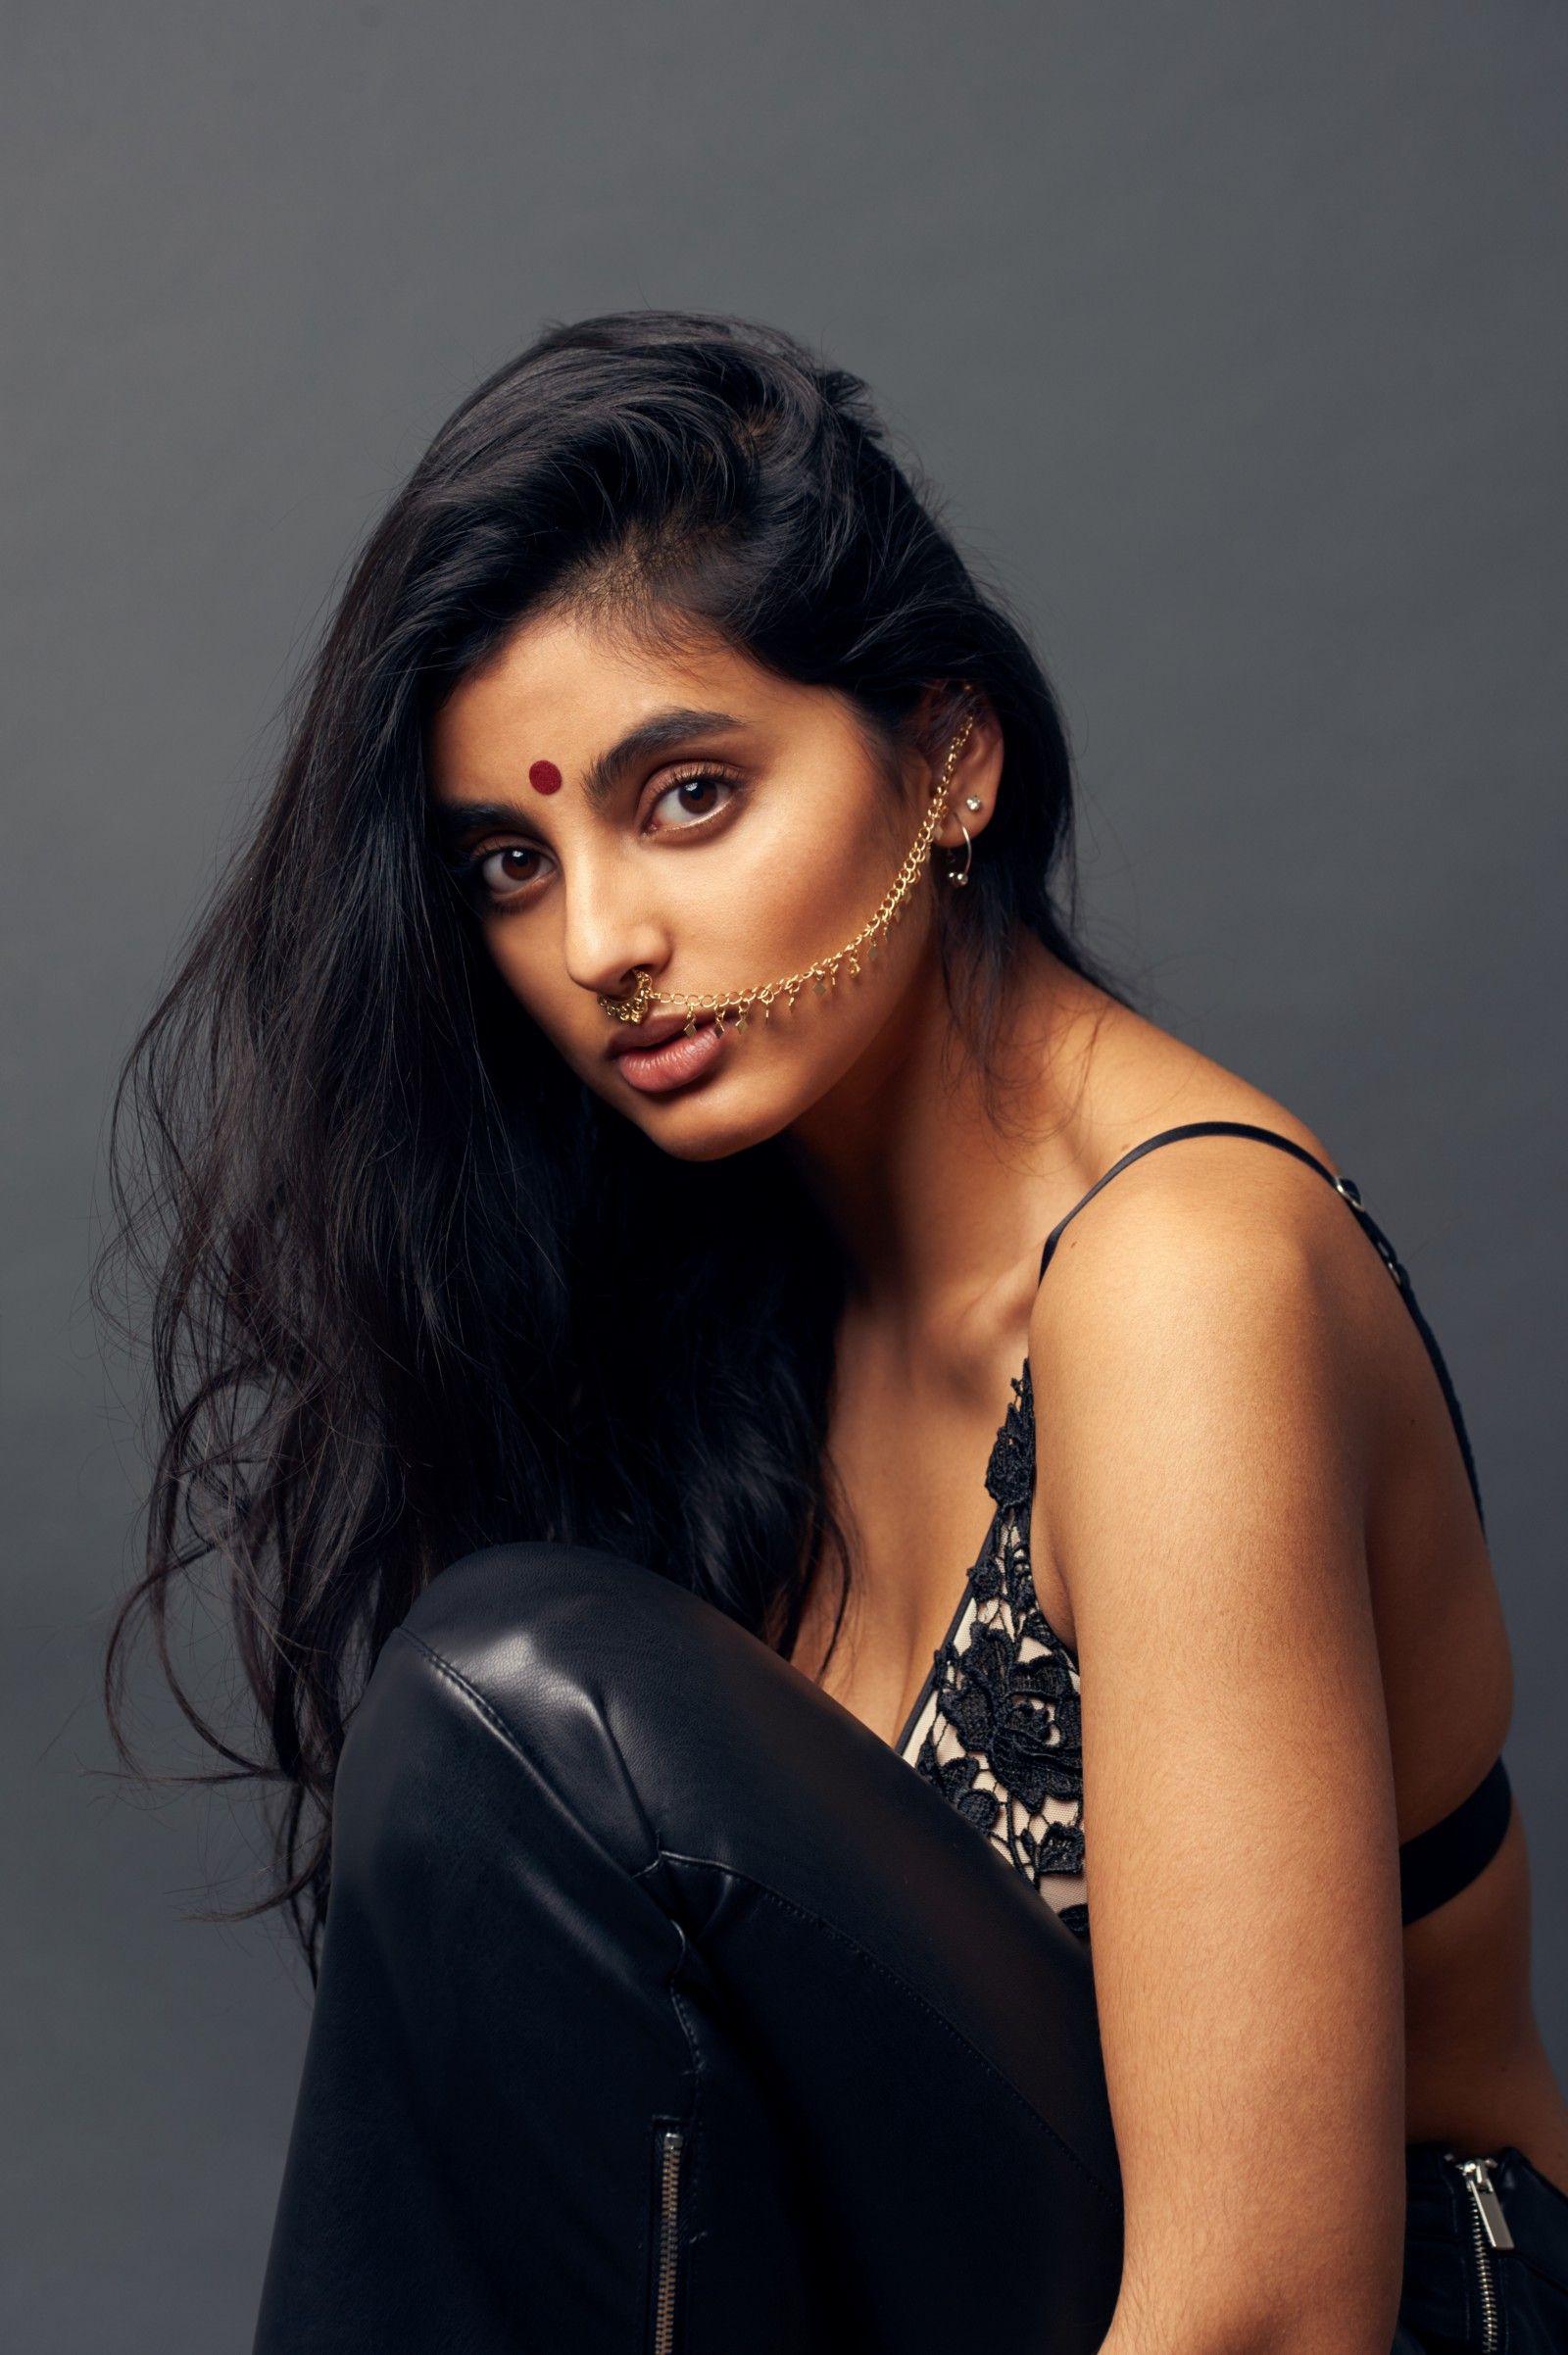 Nikkita Chadha - Biography,Age,Films,Boyfriend ~ World Super Star Bio